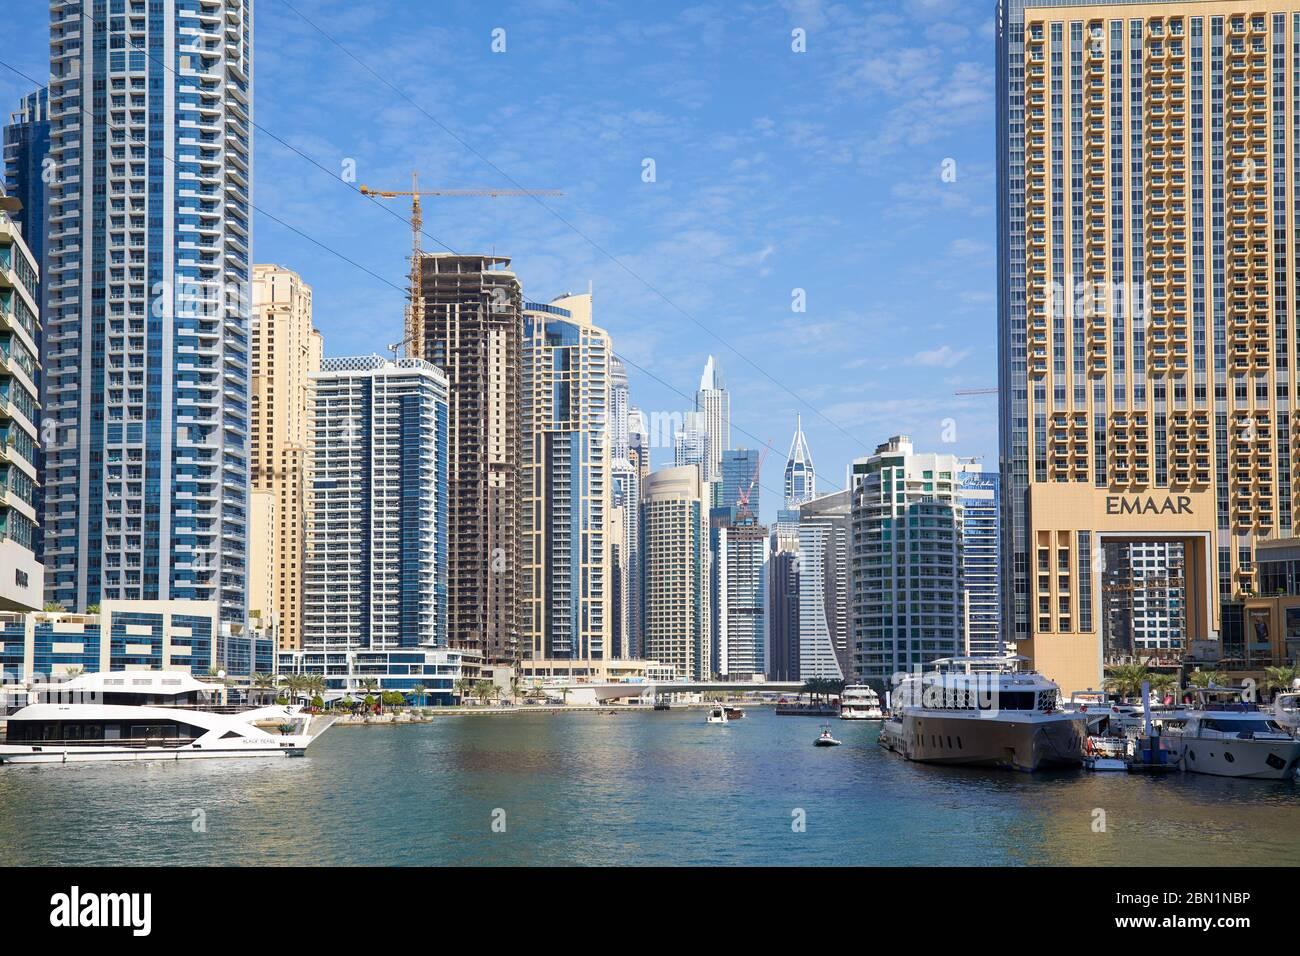 DUBAÏ, ÉMIRATS ARABES UNIS - 23 NOVEMBRE 2019 : les gratte-ciels et le canal de la marina de Dubaï avec des bateaux et des yachts dans un ciel bleu clair et ensoleillé à Dubaï Banque D'Images